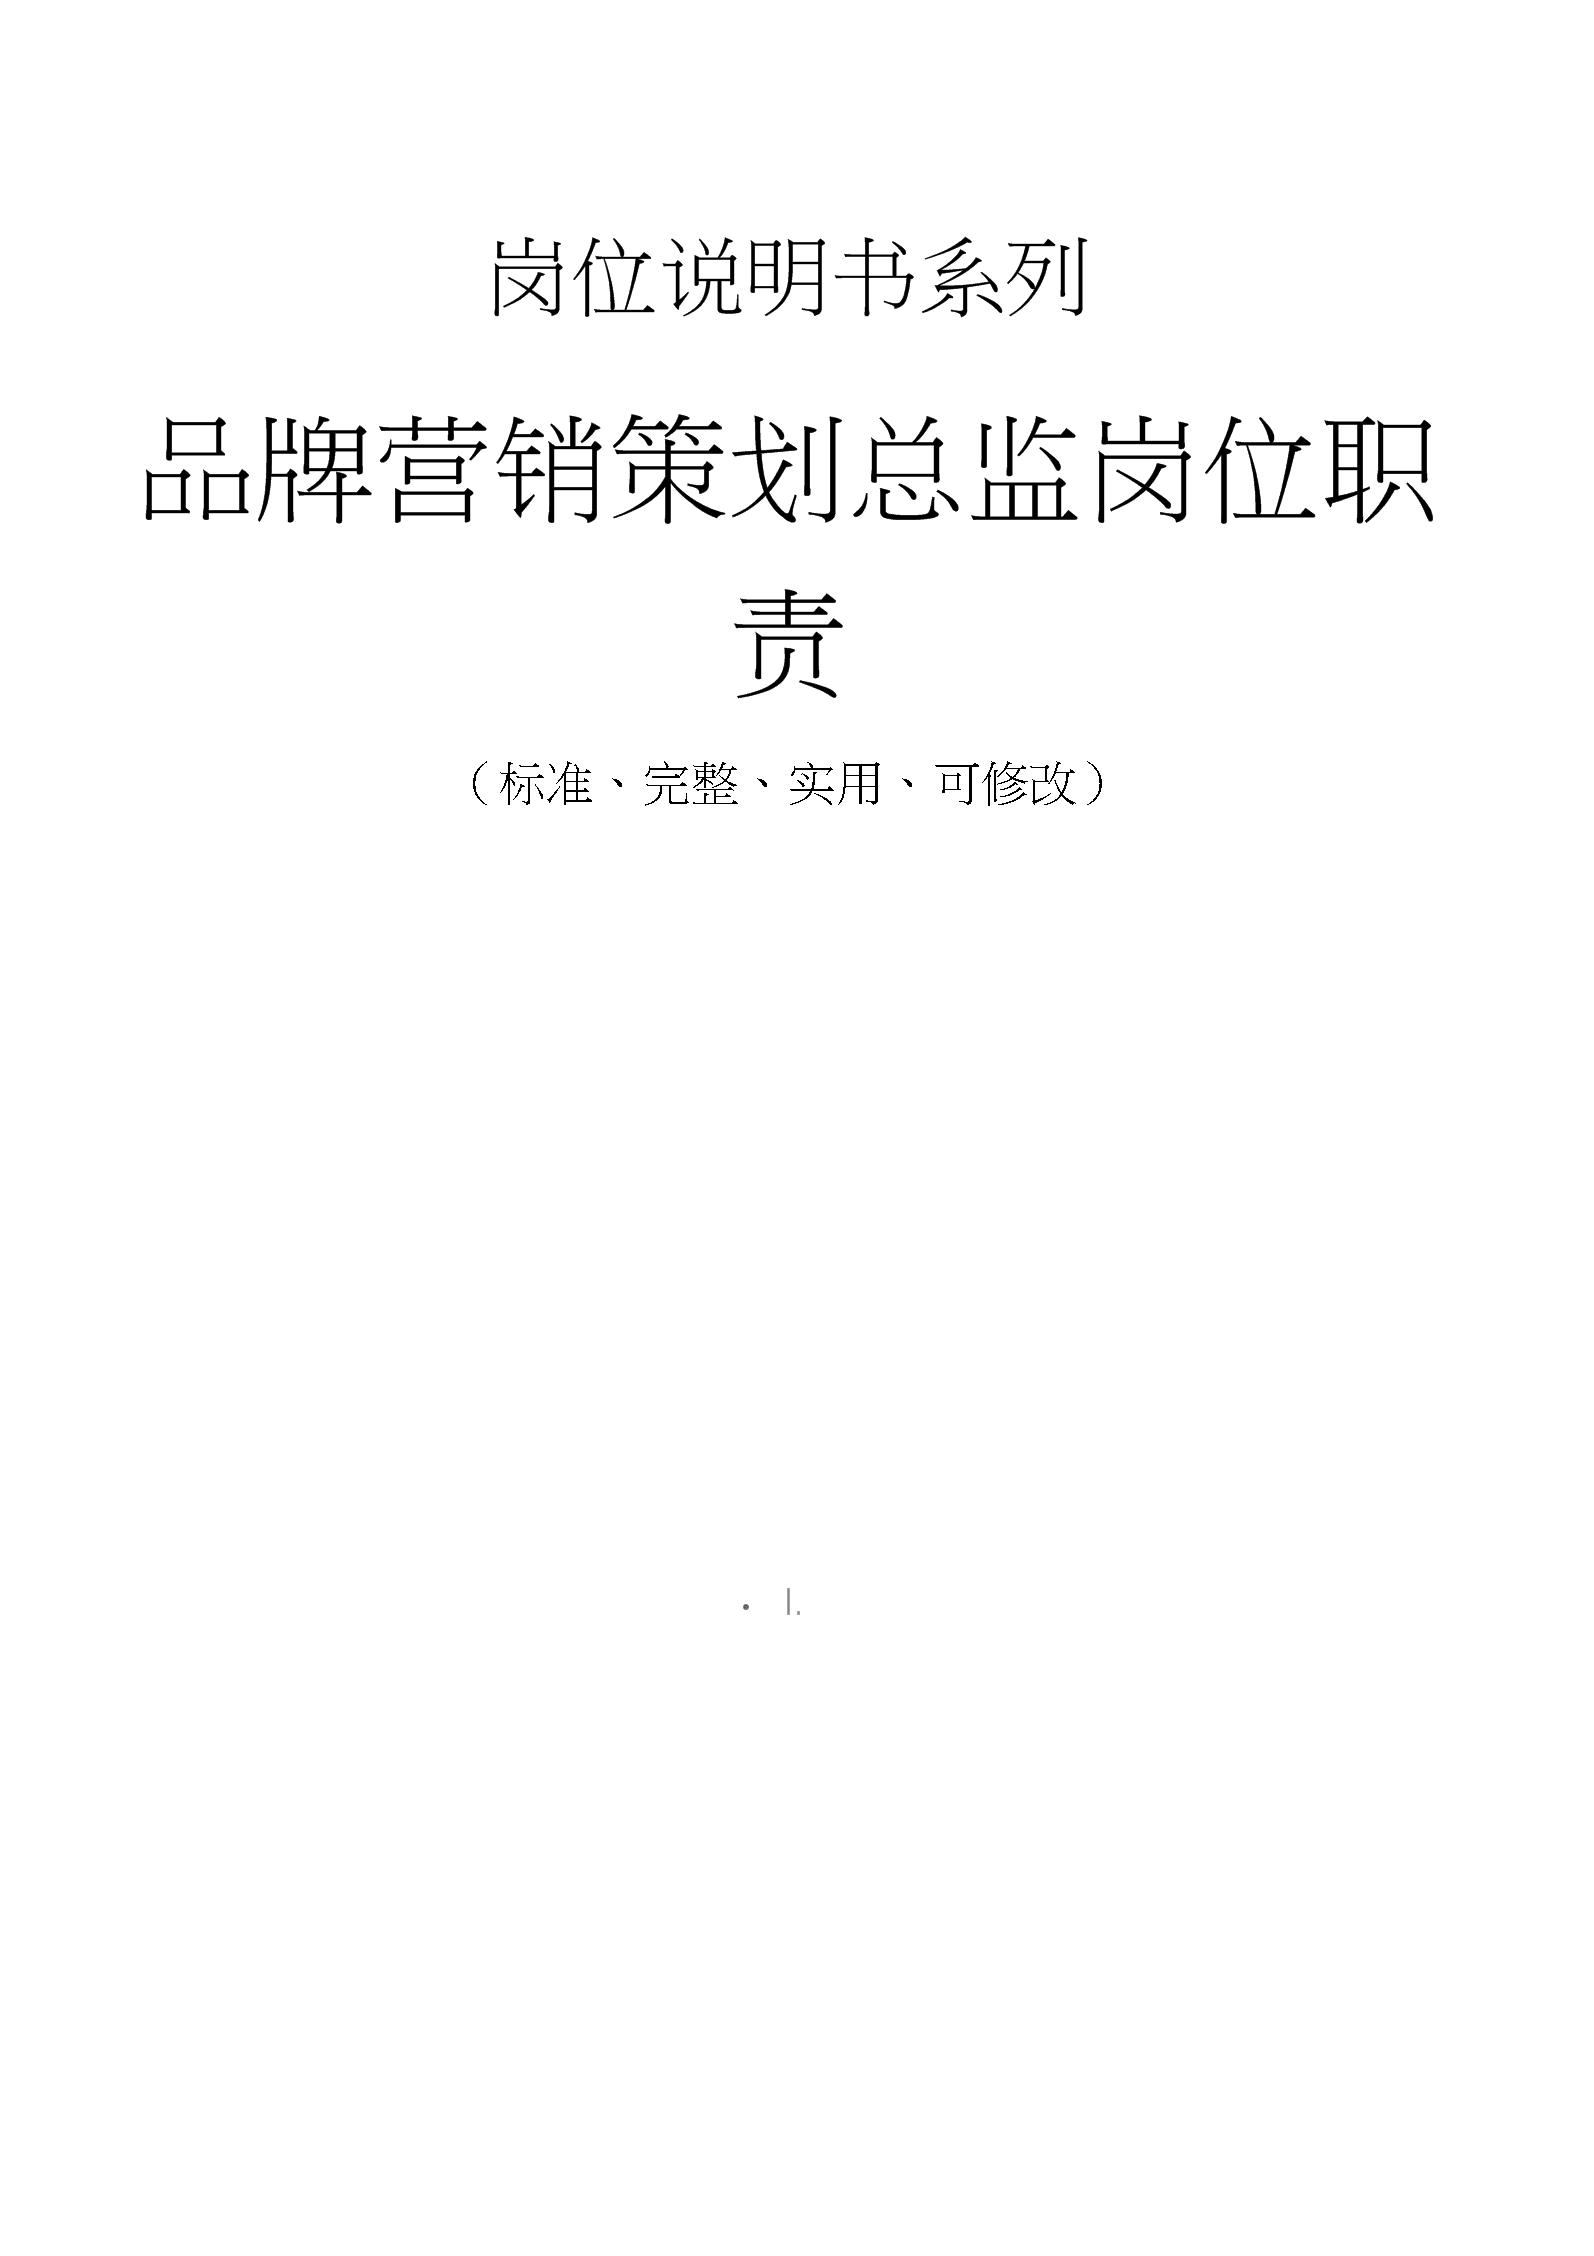 品牌营销策划总监岗位职责.docx